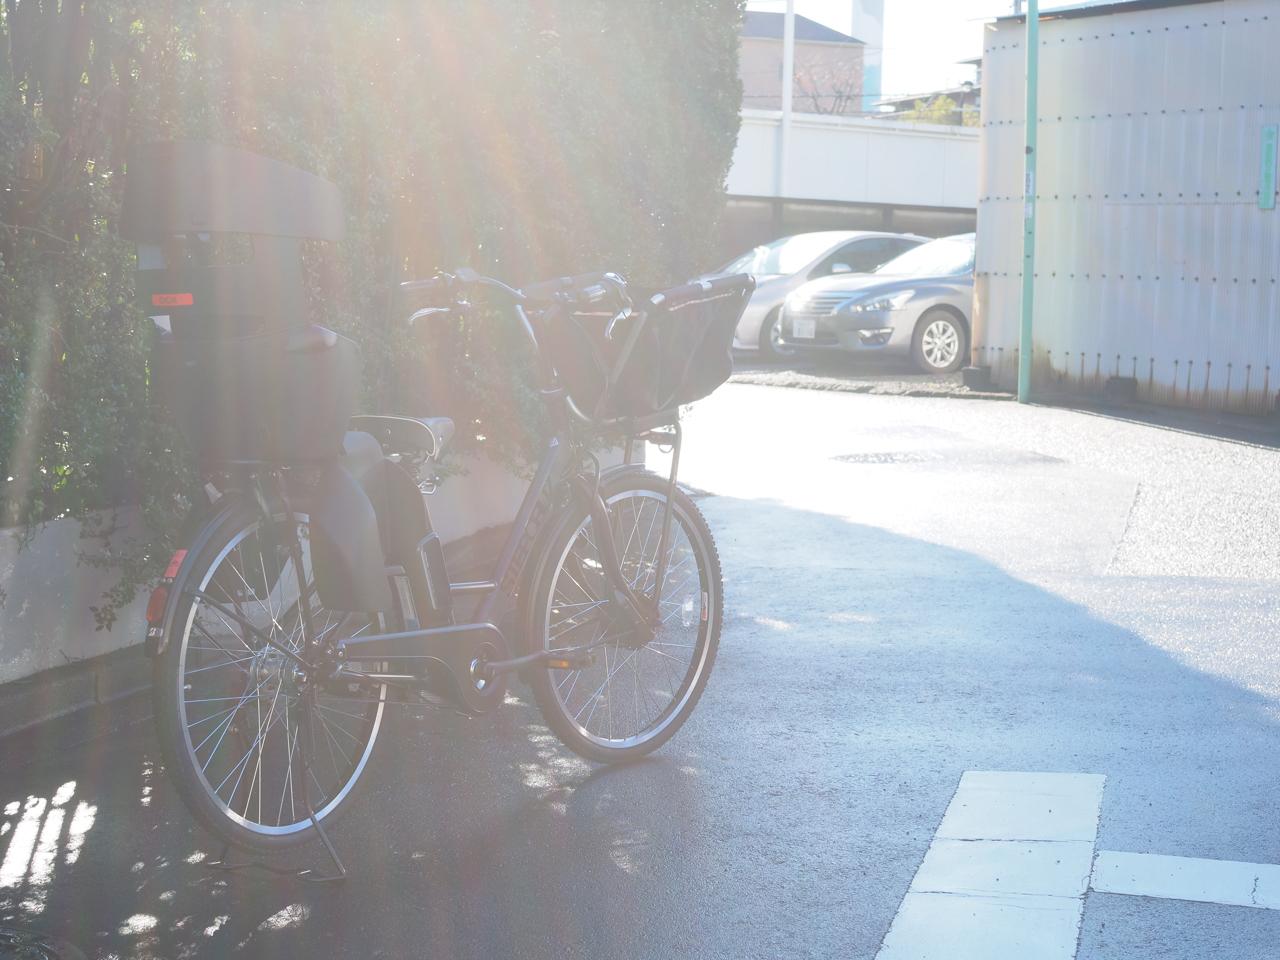 ステップクルーズ,ブリヂストン,yepp,yeppcargo,イェップ,イェップカーゴ,OGK,グランディア,チャイルドシート,子乗せ,電動自転車,おしゃれ自転車,自転車カスタム,stepcruz